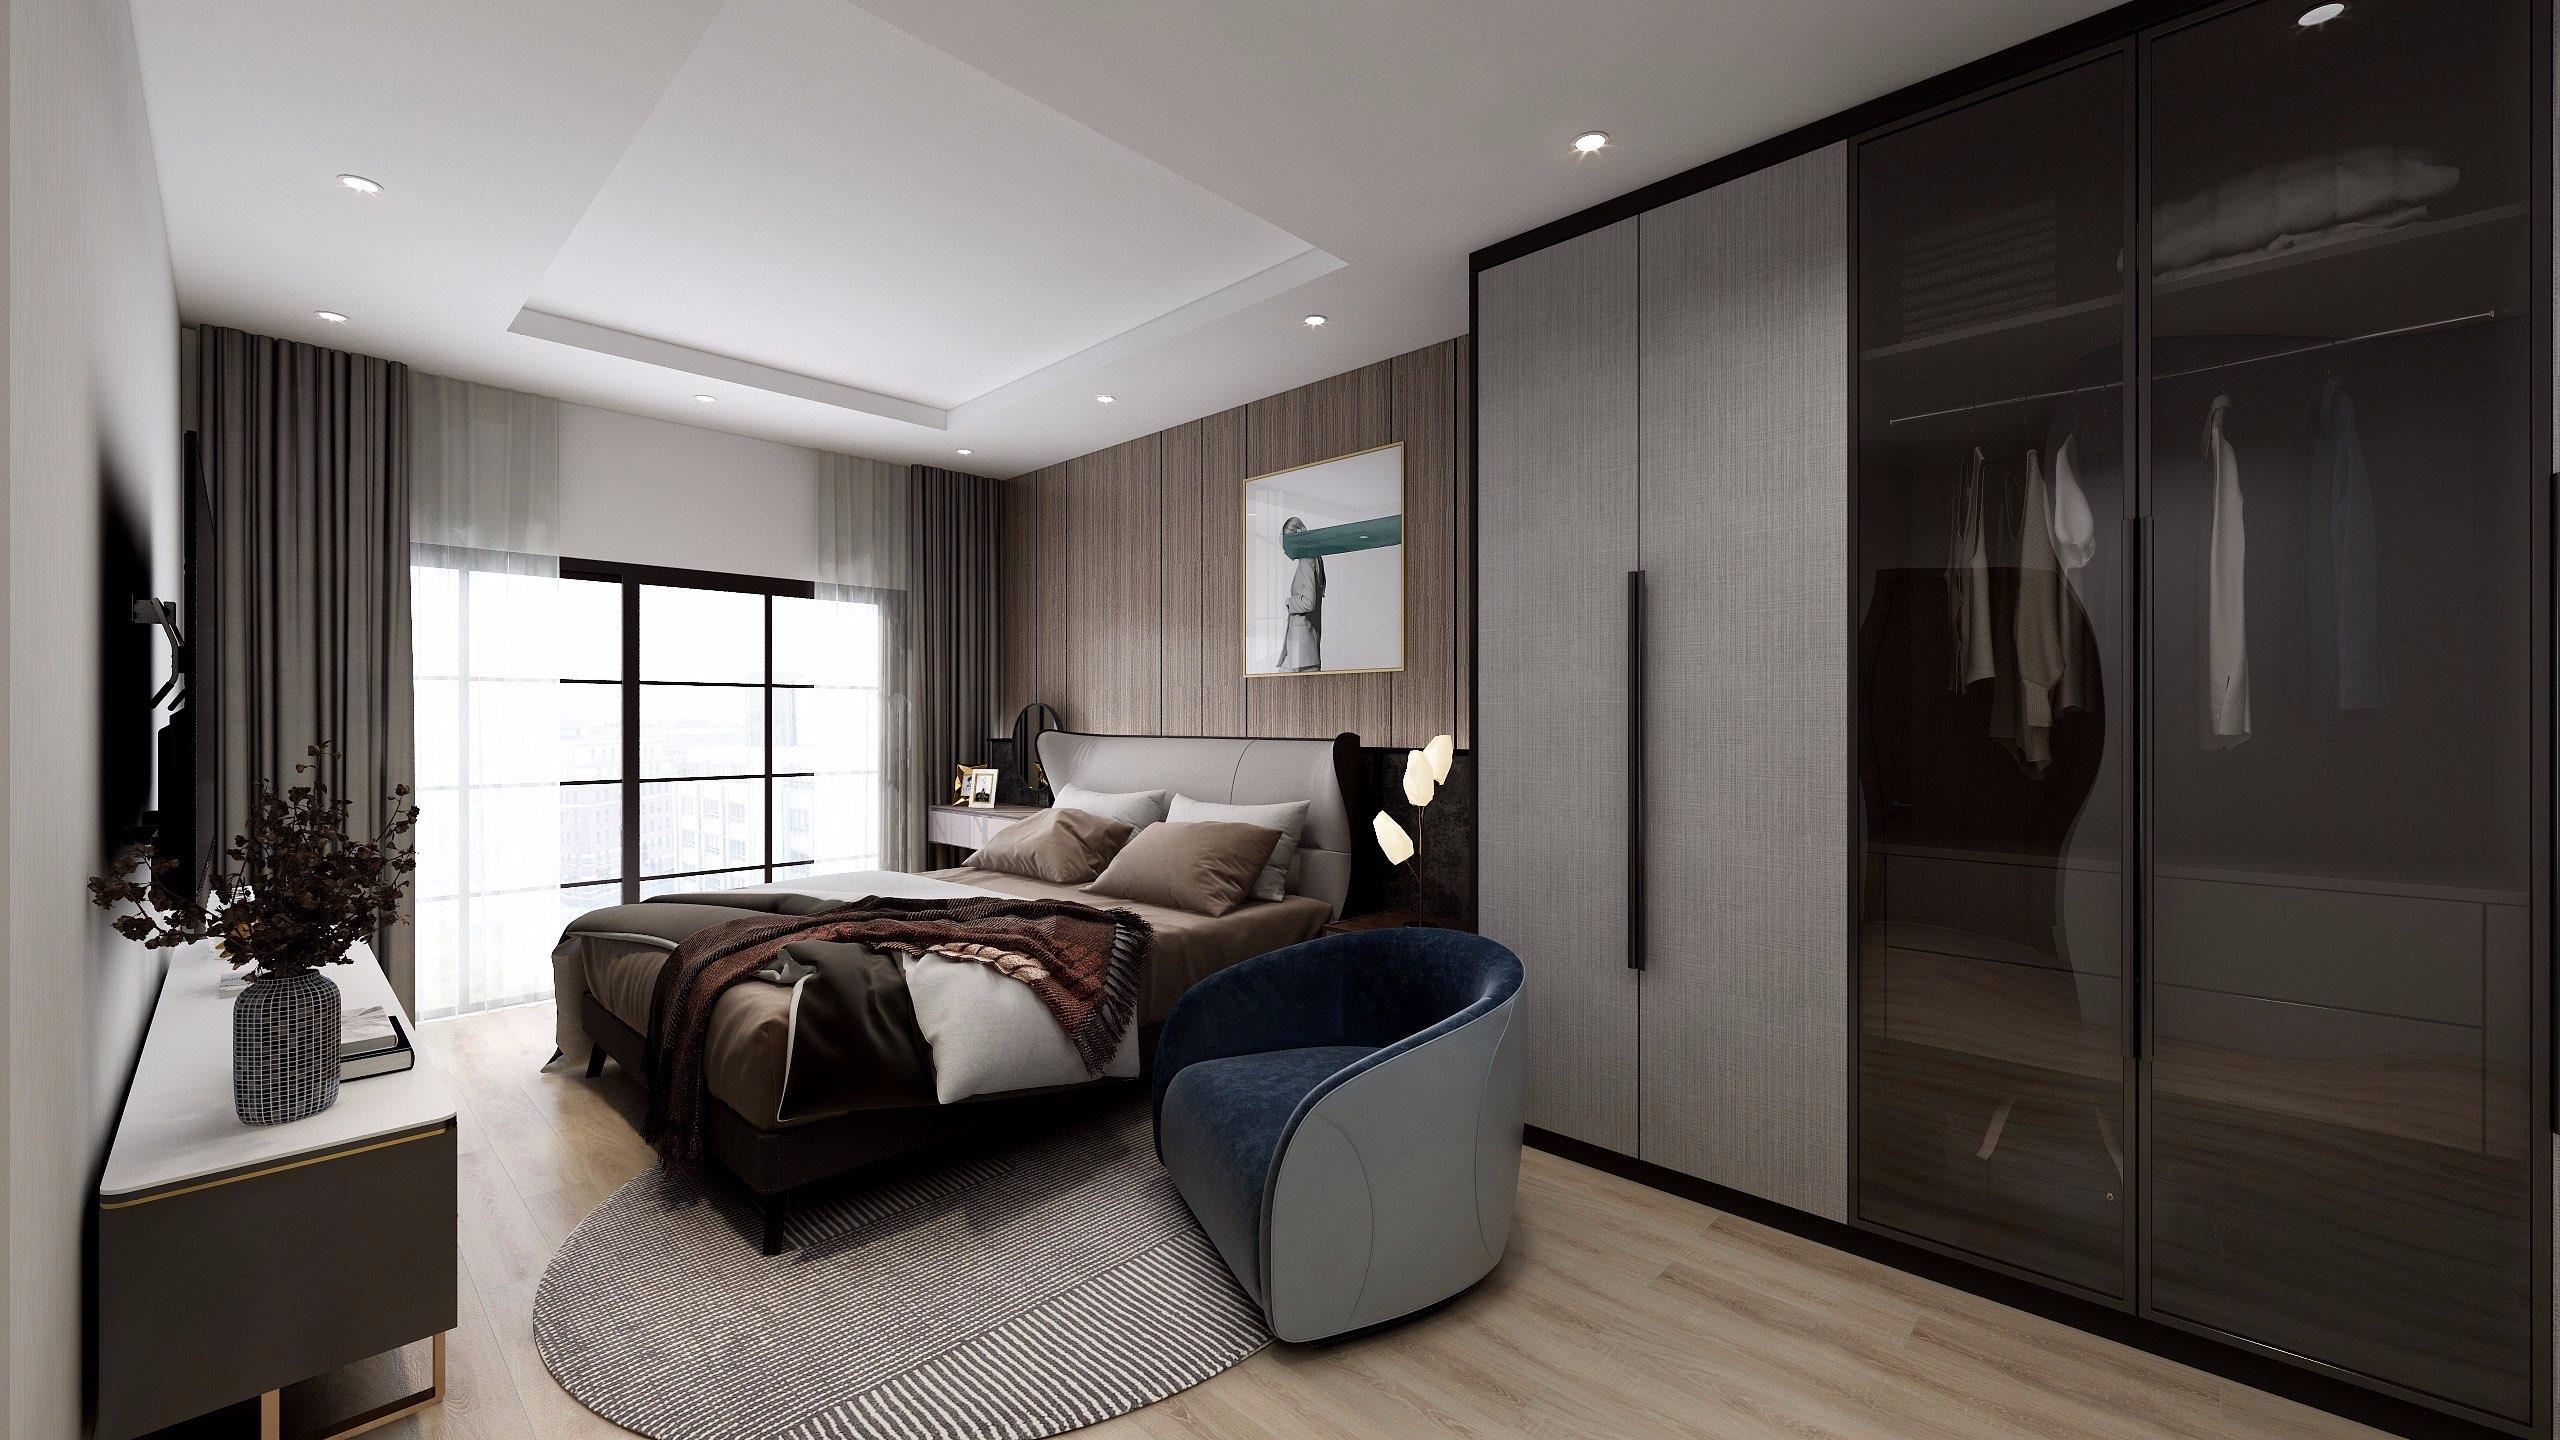 Không gian ngủ được trang bị một loạt các đồ nội thất hiện đại giúp cuộc sống sinh hoạt vợ chồng thêm tiện nghi